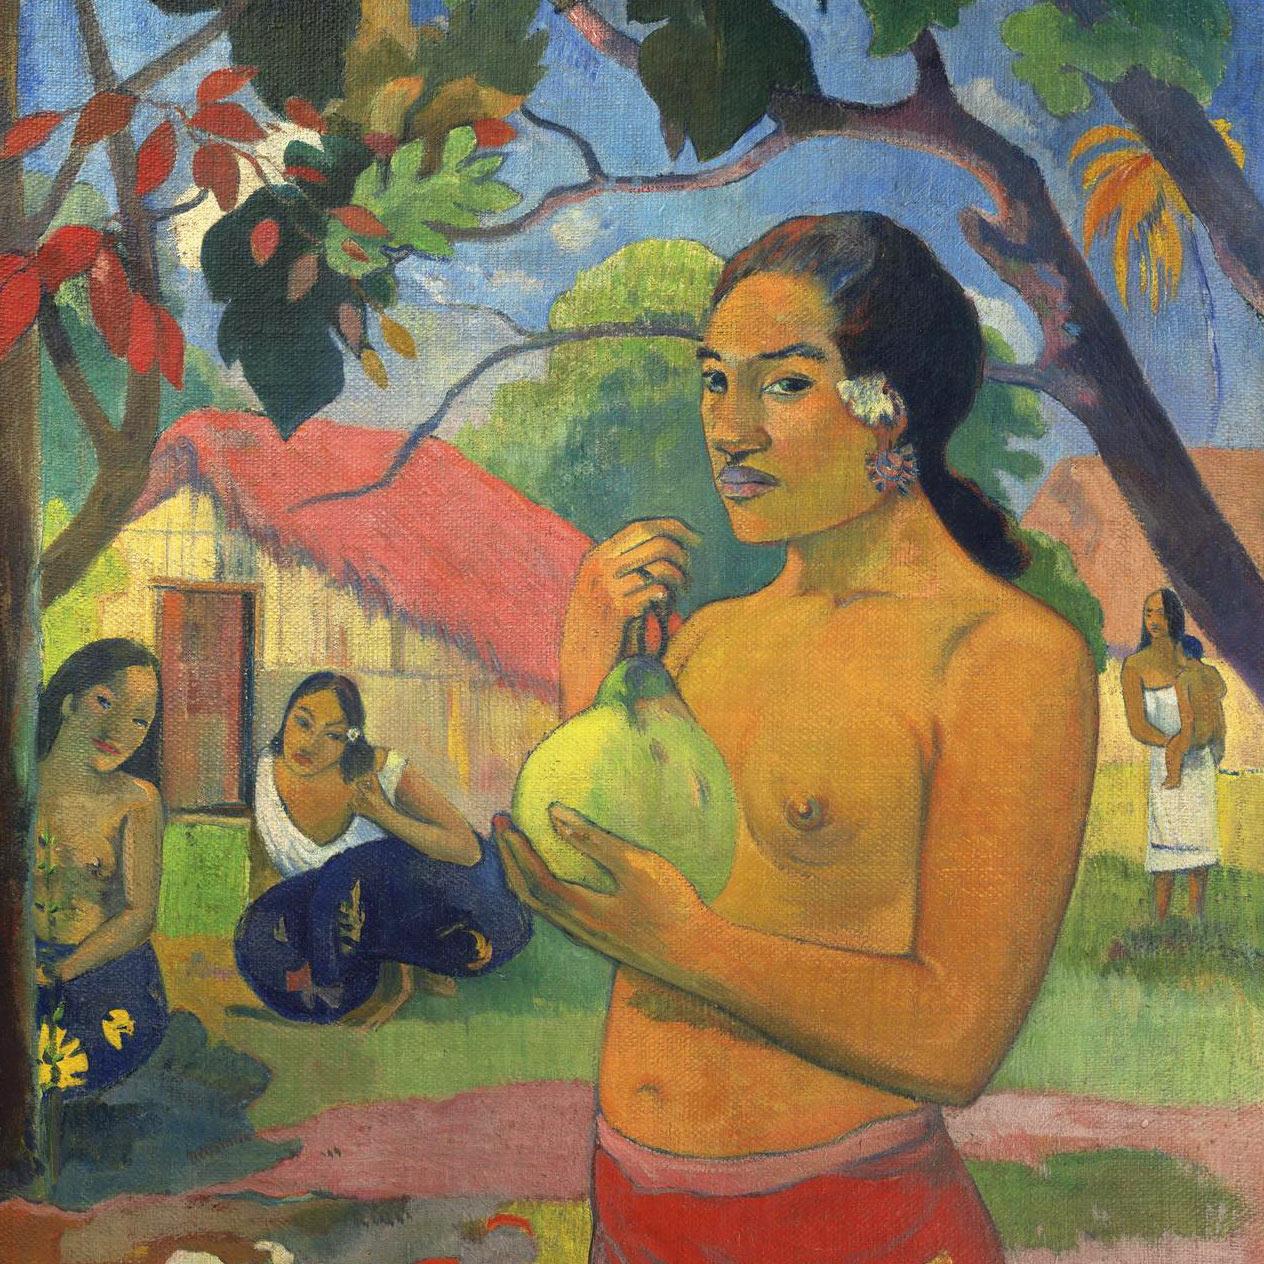 Paul Gauguin La femme au fruit. Eu haere ia oe (Où vas-tu?) 1893. Musée de l'Ermitage